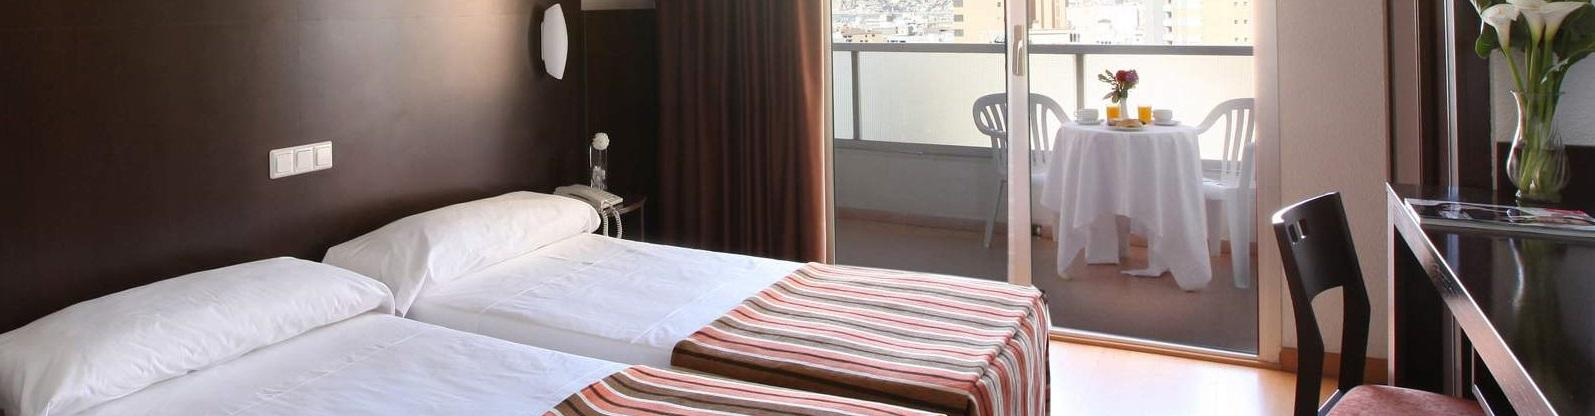 Las pernoctaciones hoteleras bajaron un 1,76% en mayo en Canarias